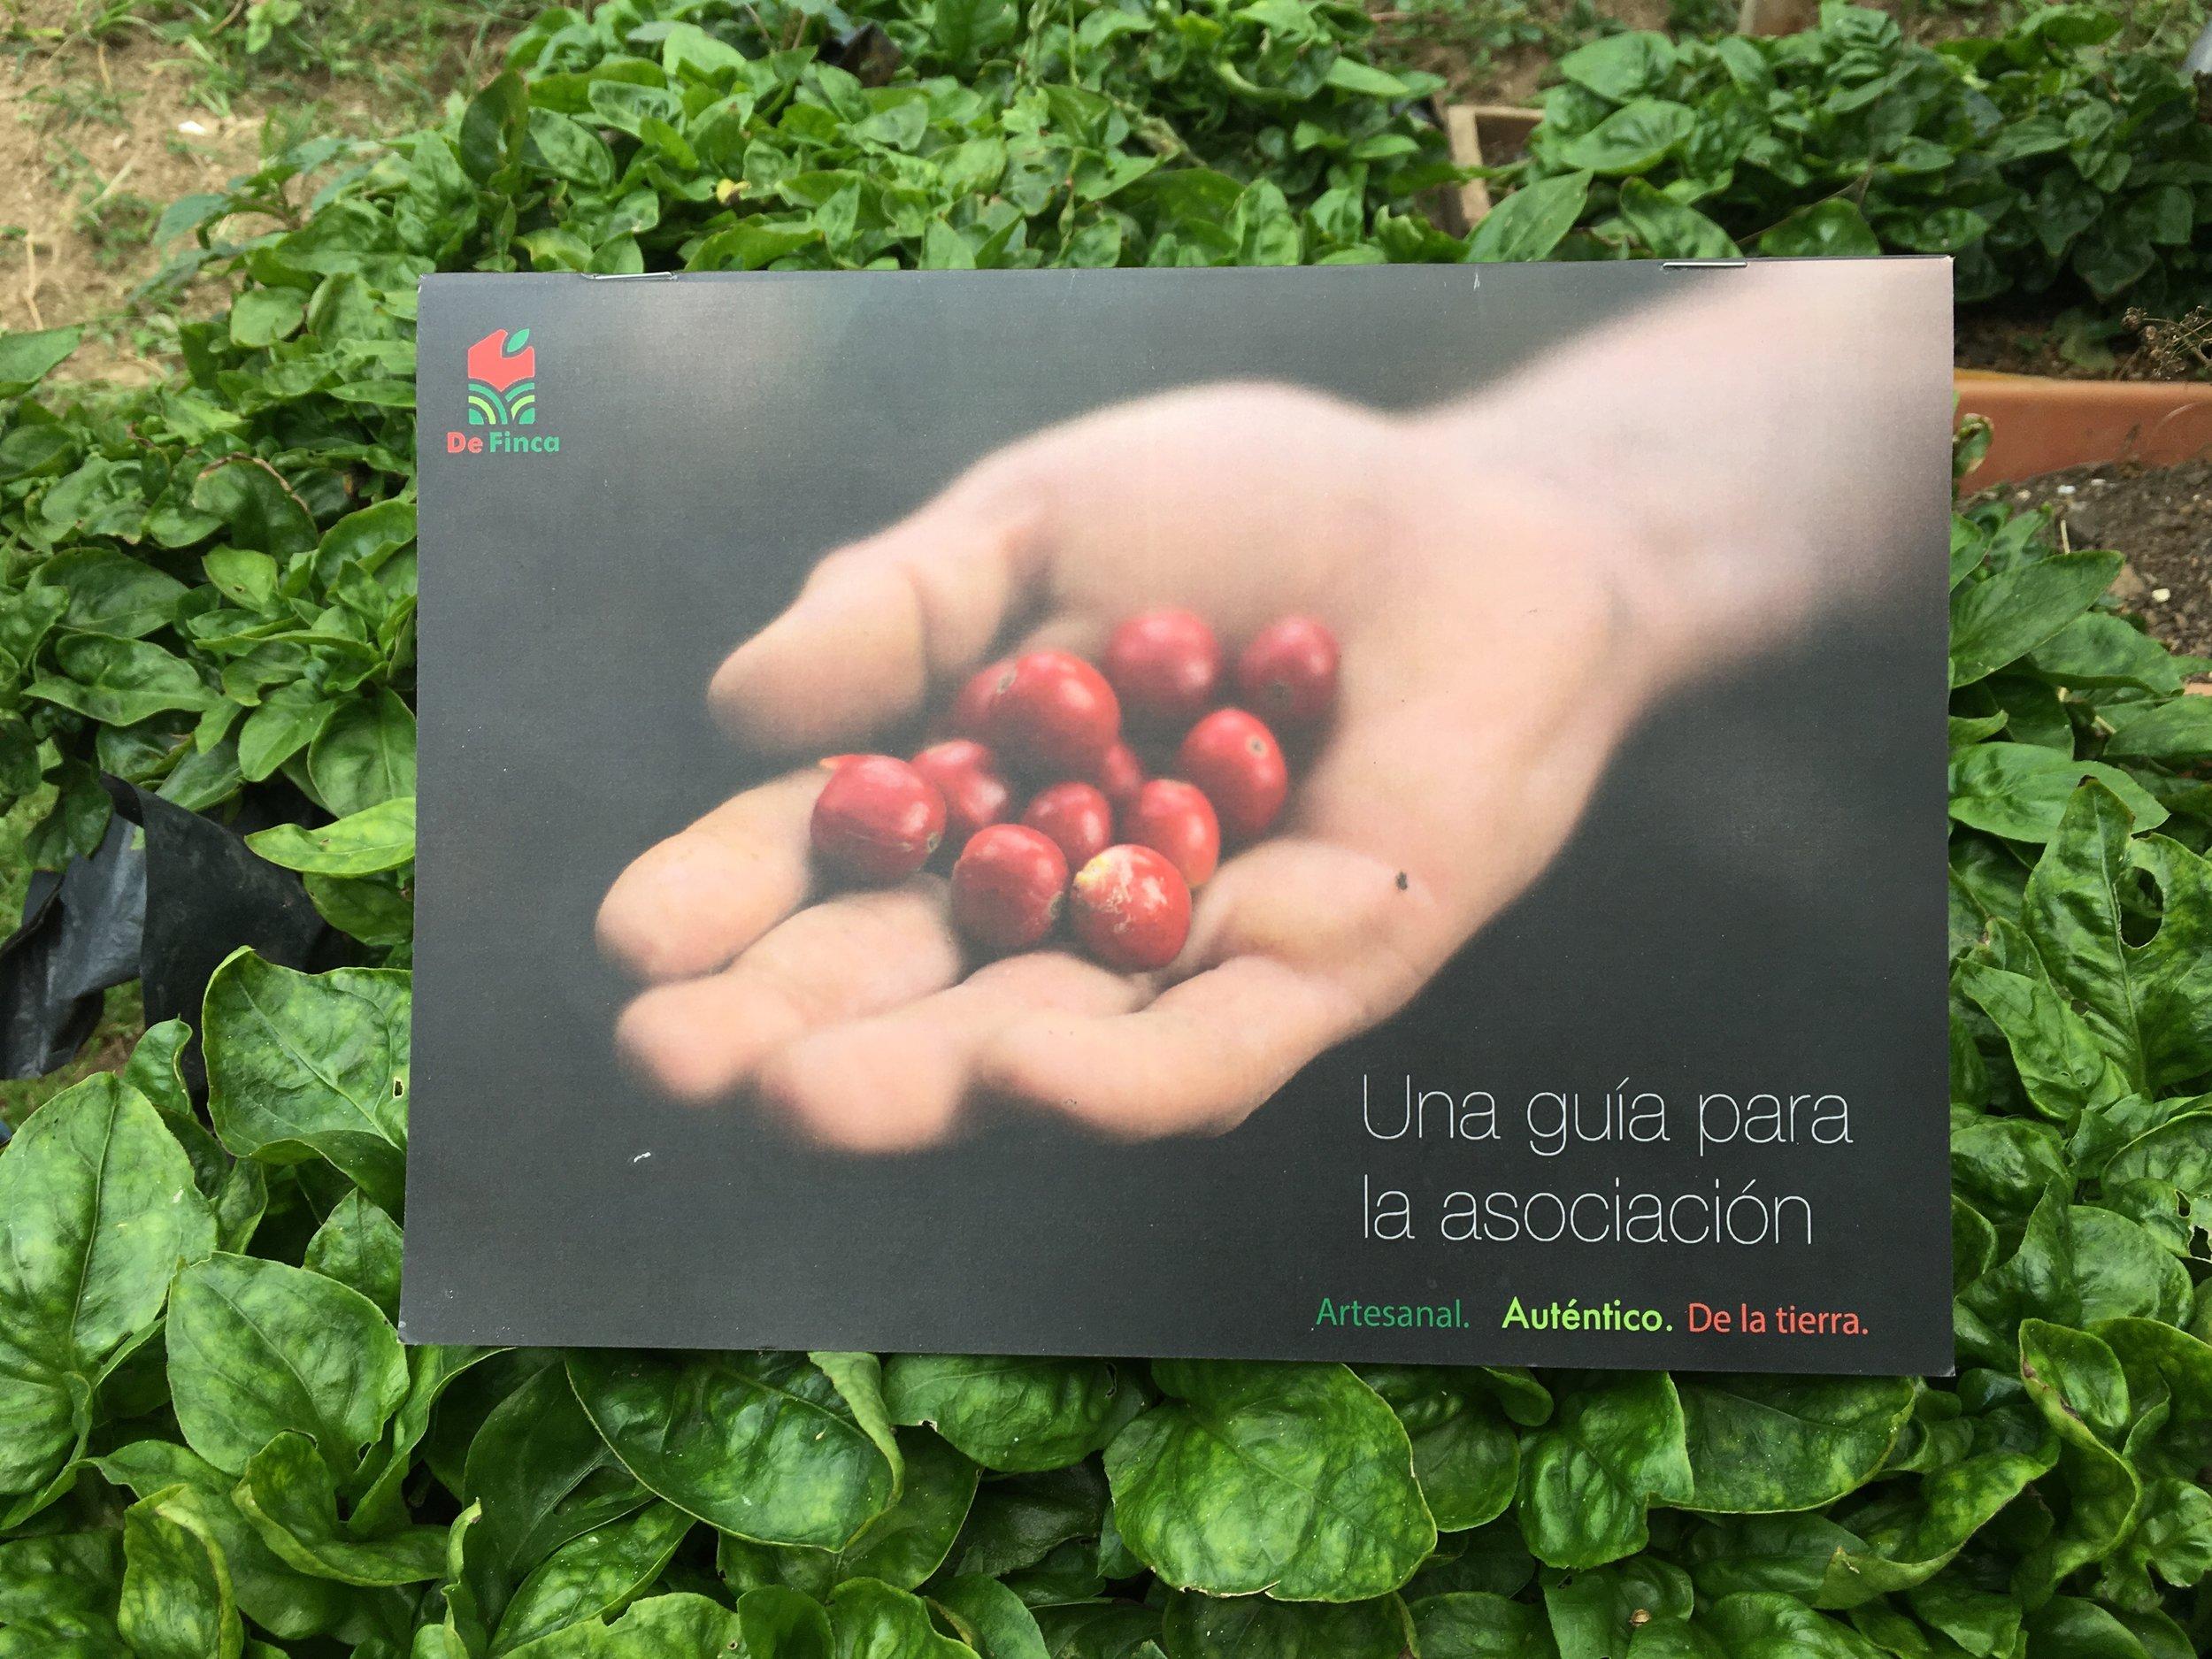 De Finca's association handbook.  Photo credit: Rubez Chong